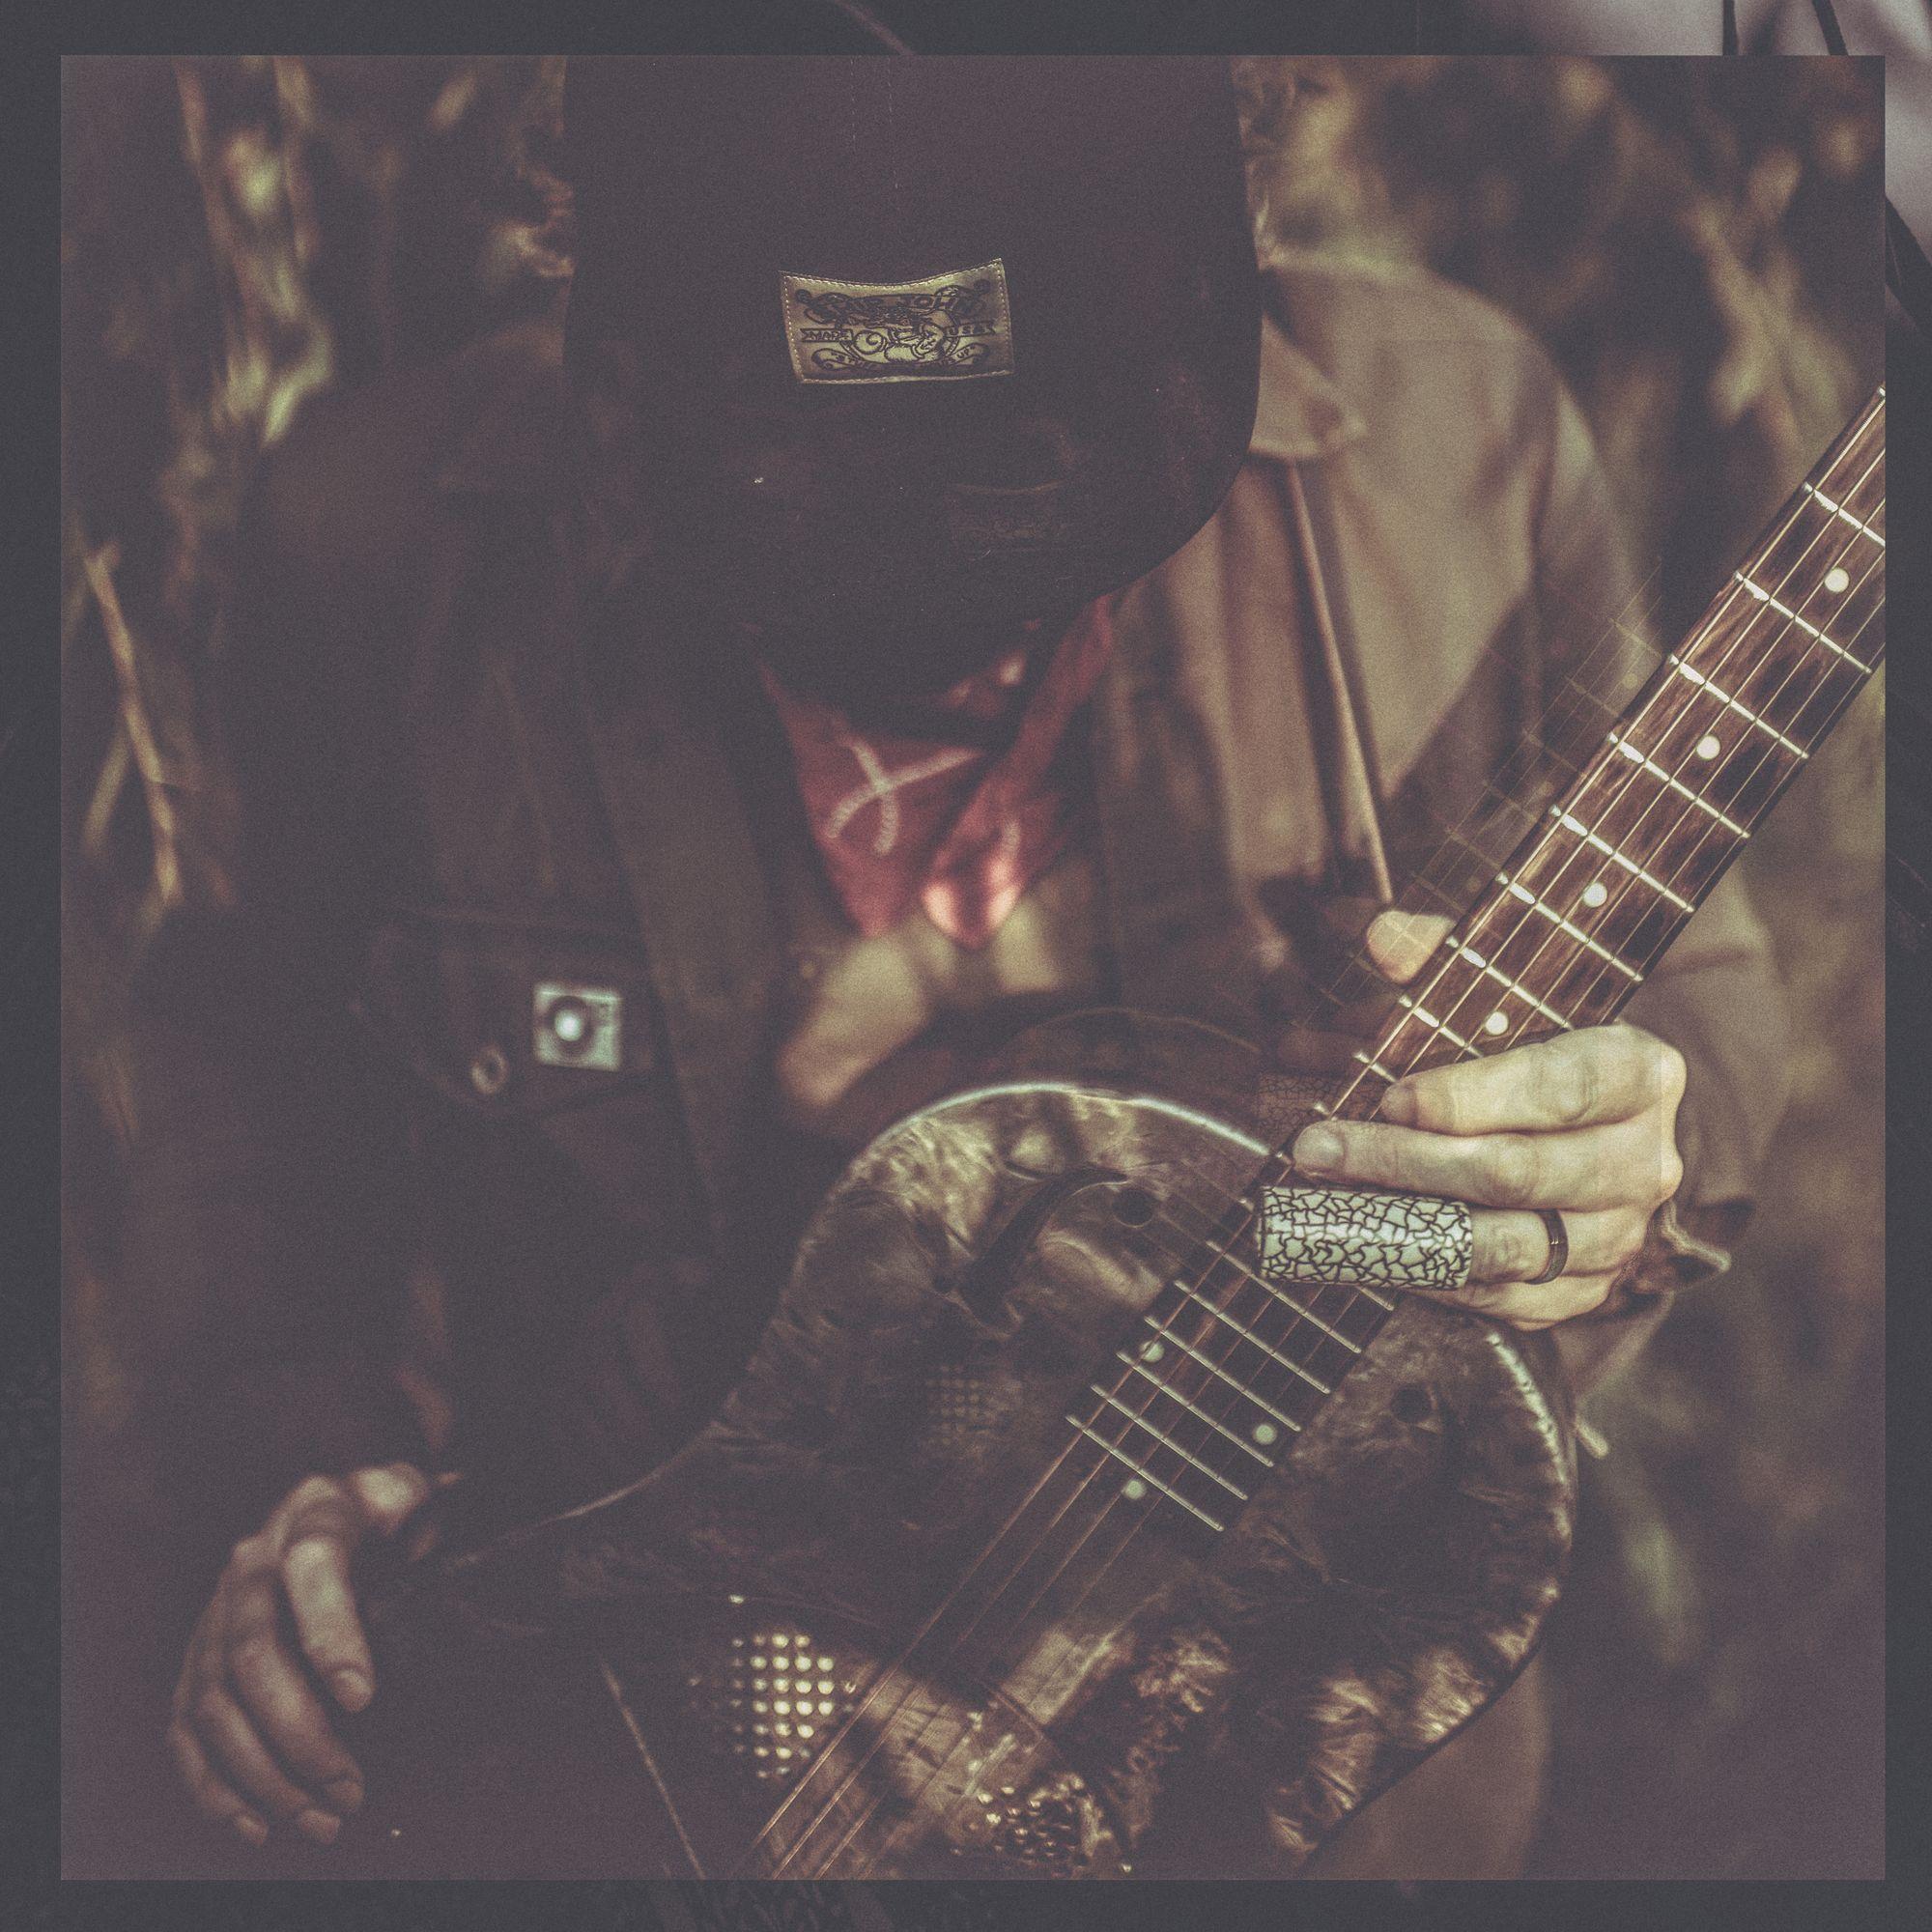 Jeff Fielder/songwriter, guitar player